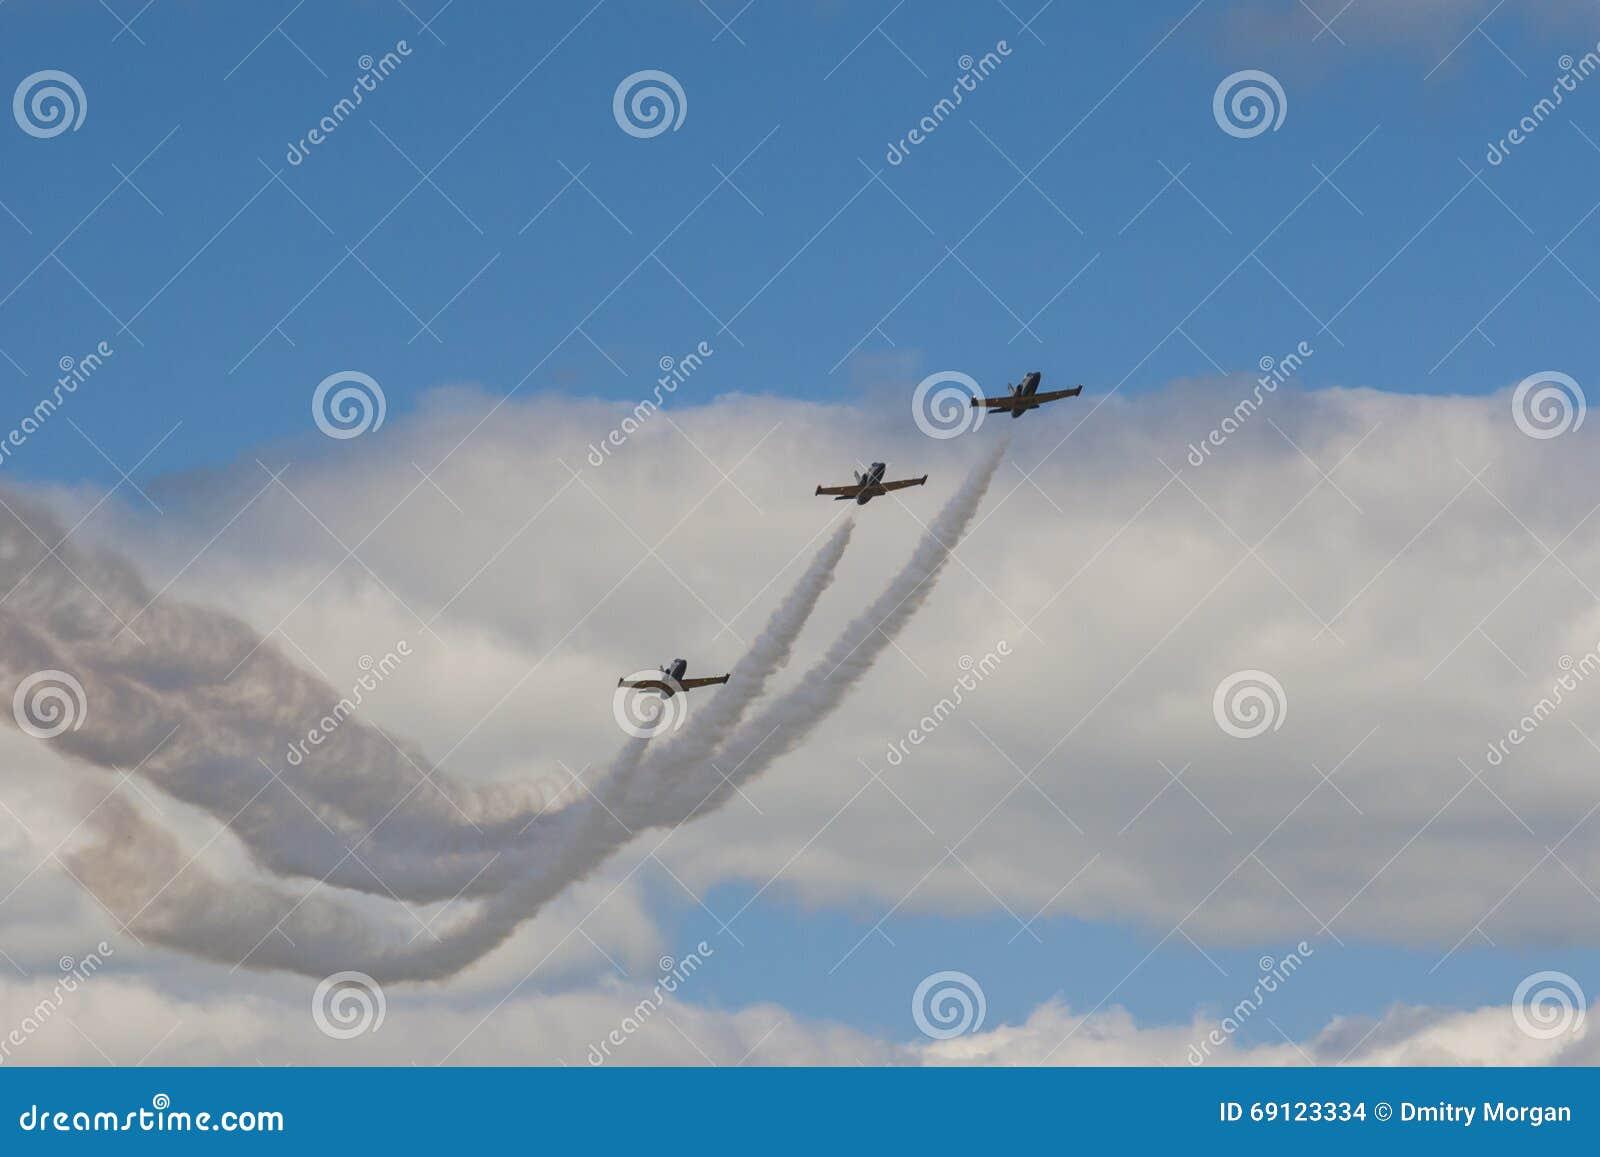 Akrobatische Bremsung planiert RUS von Aero ALCA L-159 auf Luft während des Luftfahrt-Sportereignisses, das dem 80. Jahrestag von